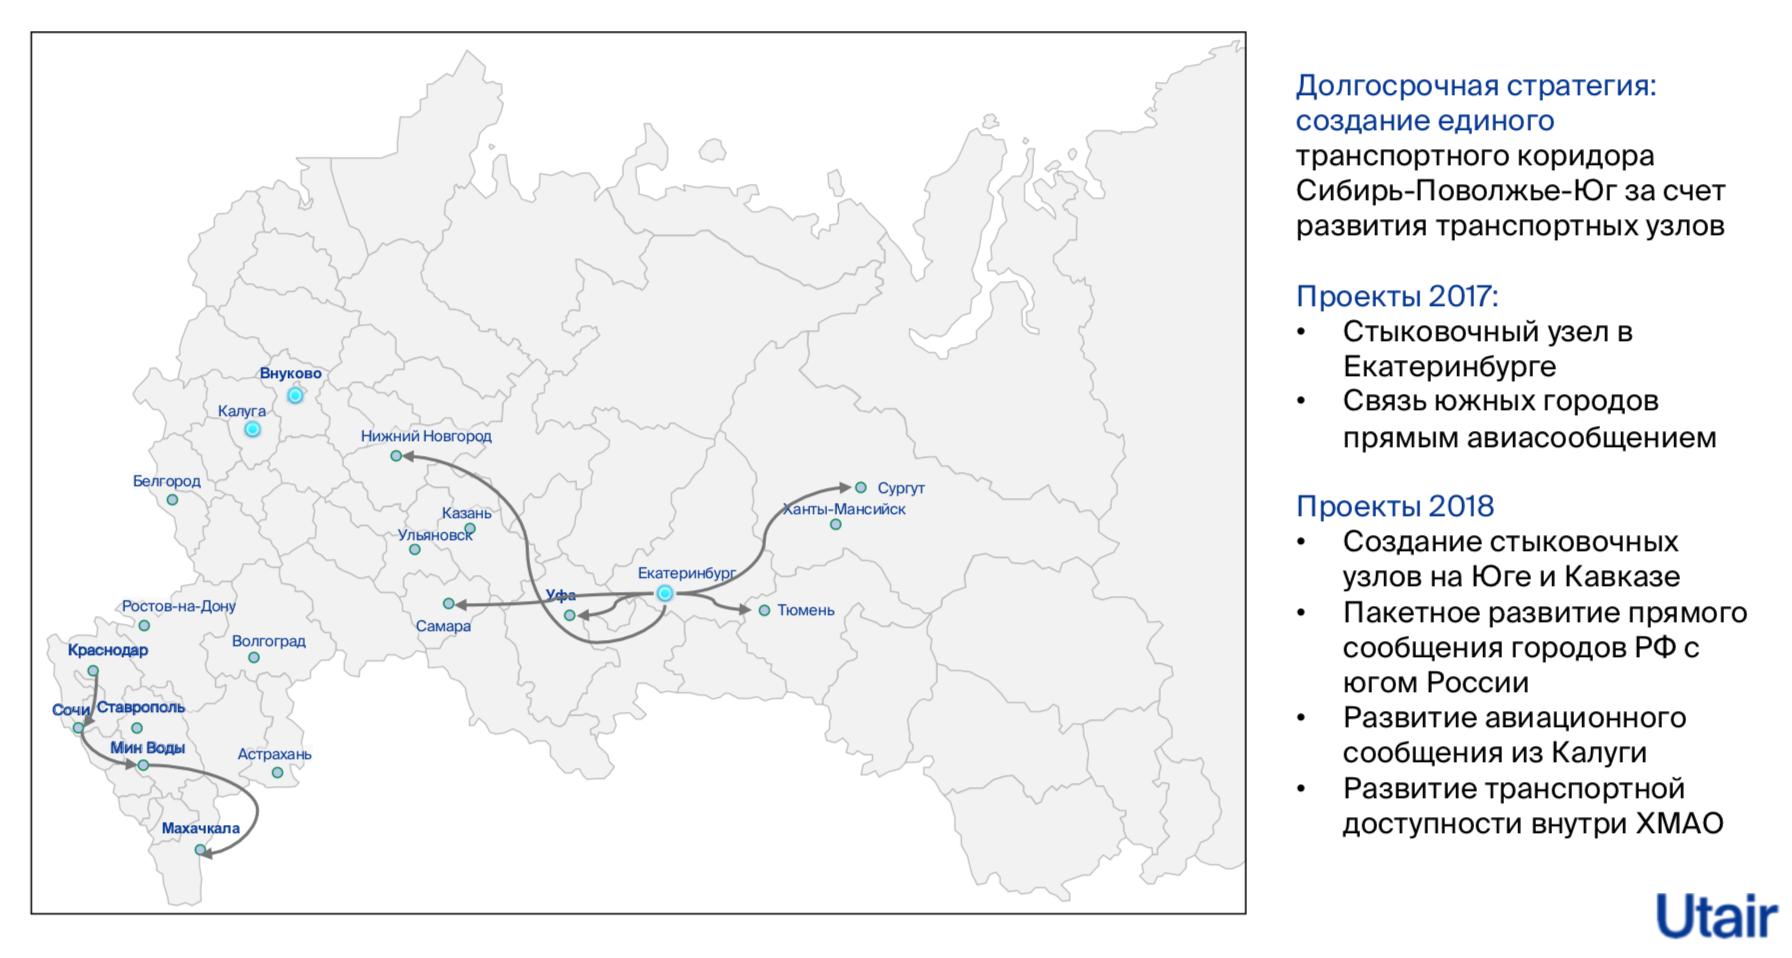 Заказ авиабилетов онлайн в украине